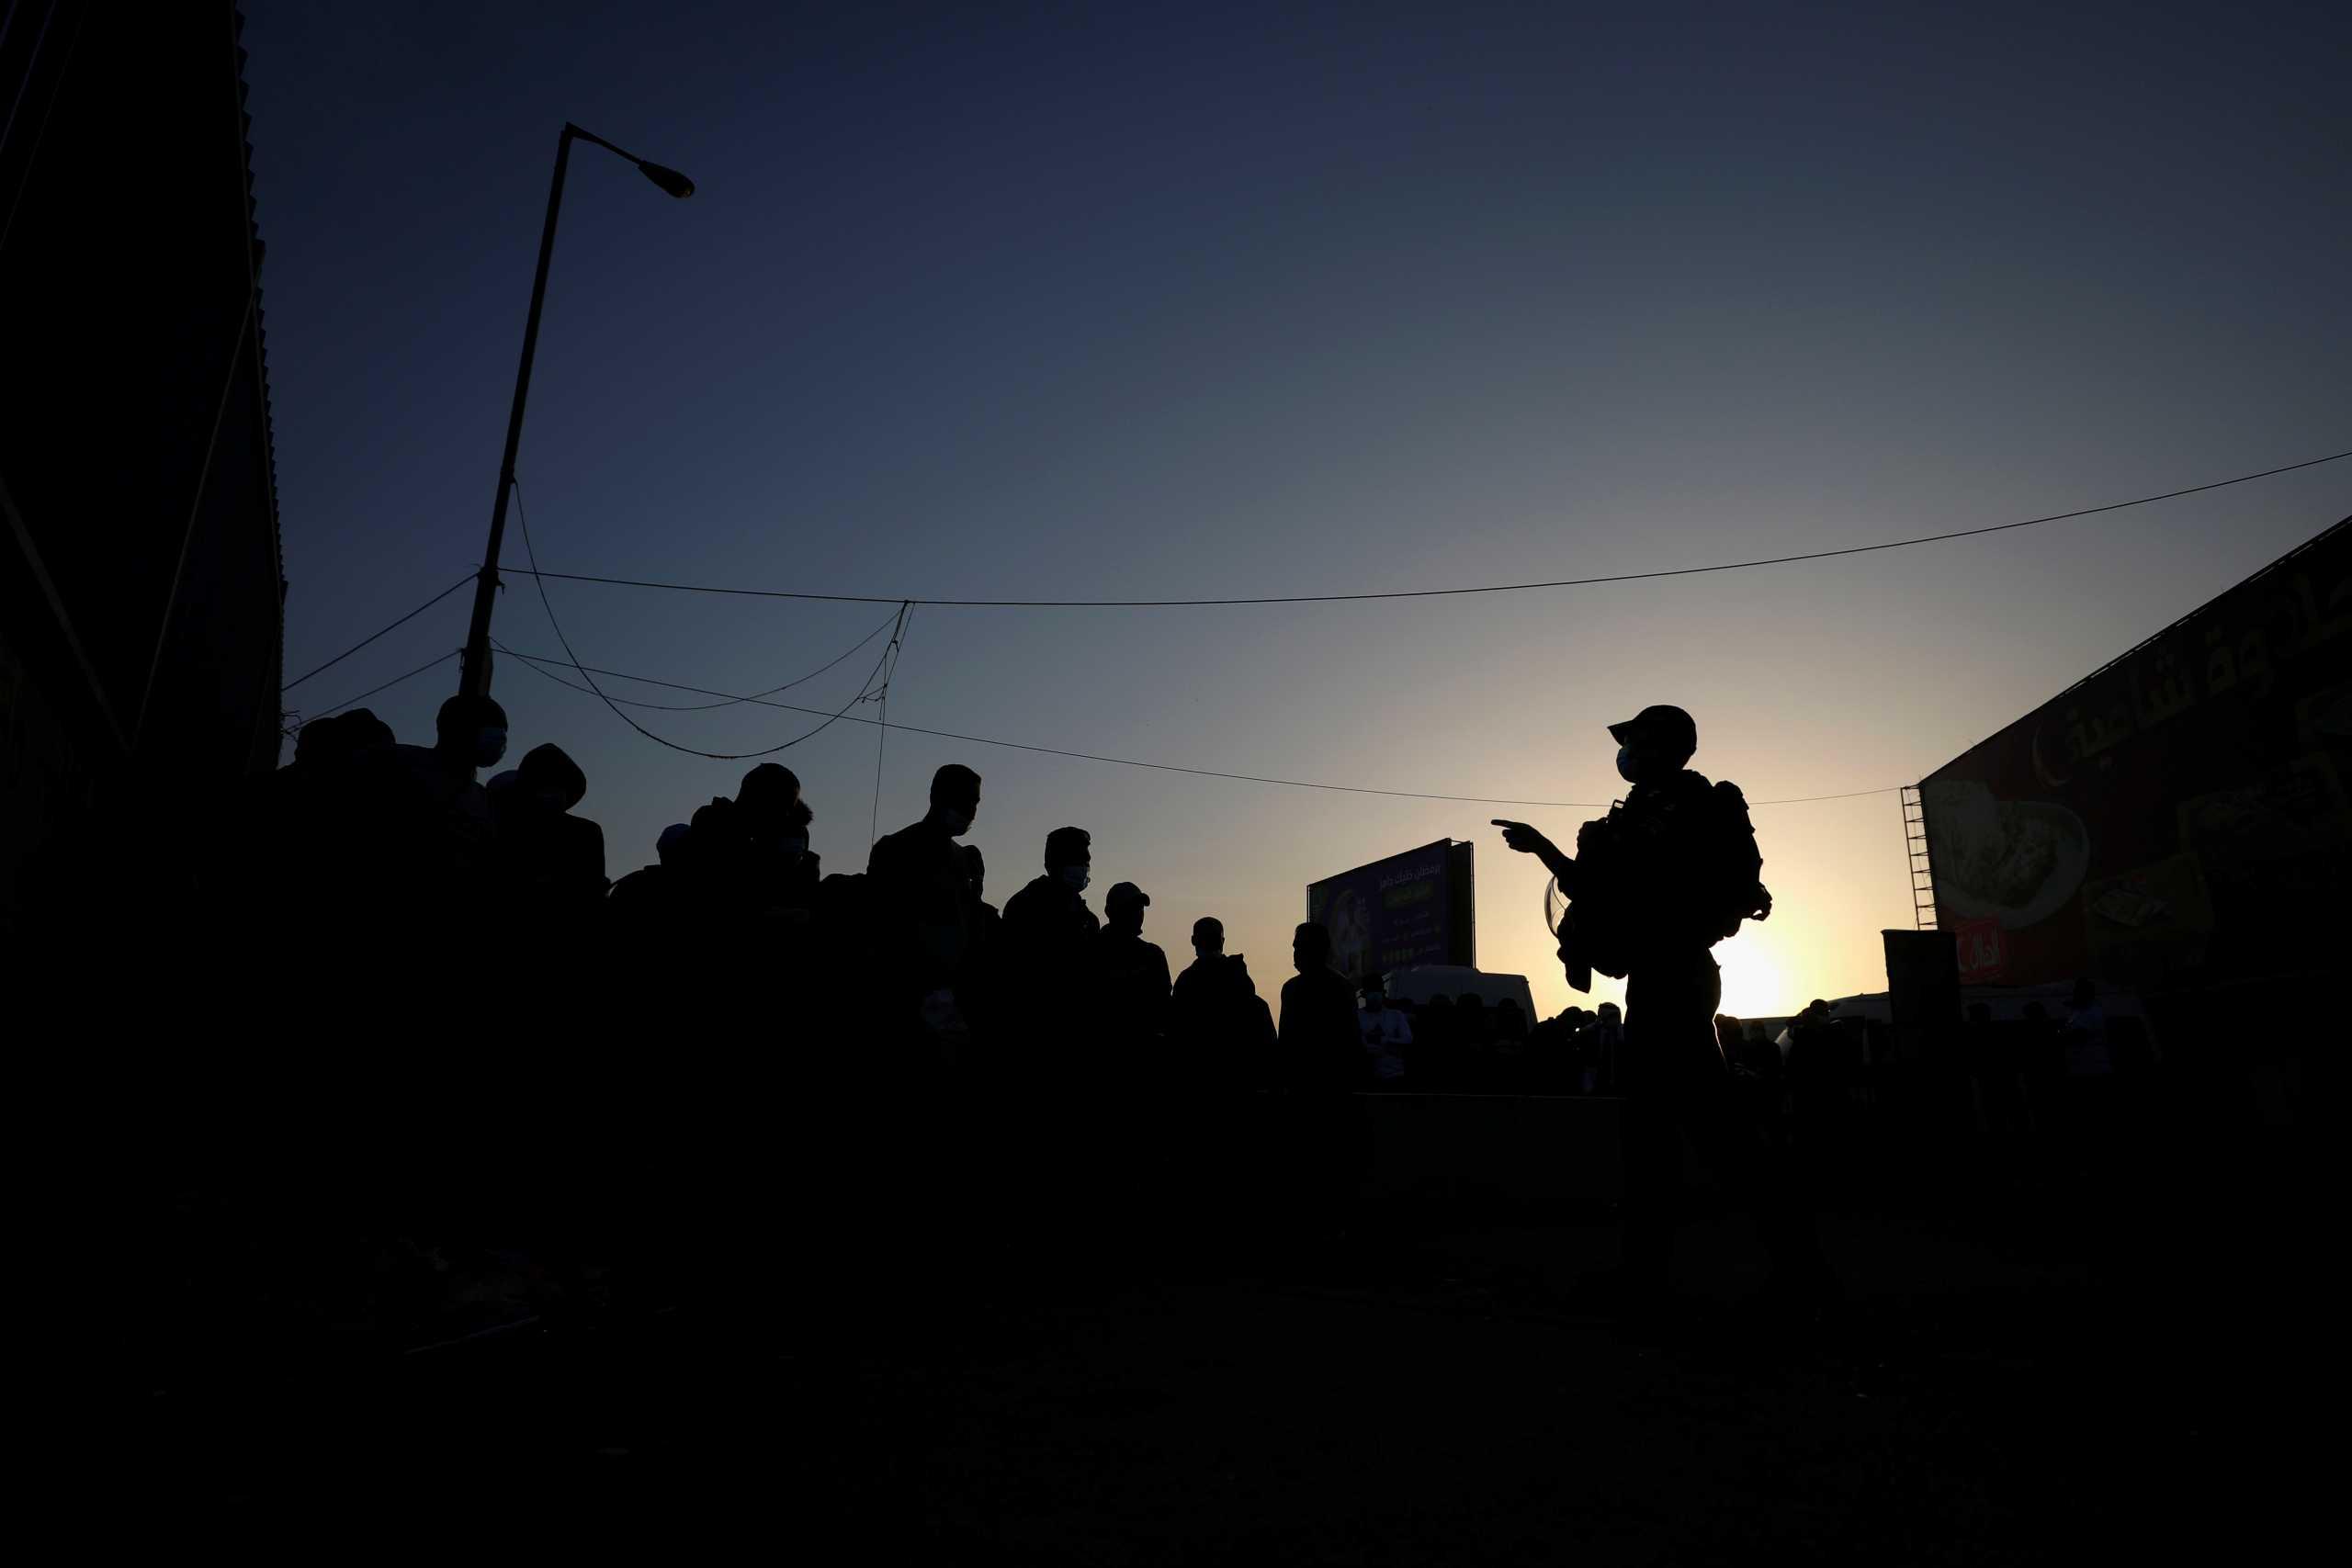 Ισραήλ: Συλλήψεις και τραυματισμοί σε συγκρούσεις στην Ανατολική Ιερουσαλήμ και στη Γιάφα